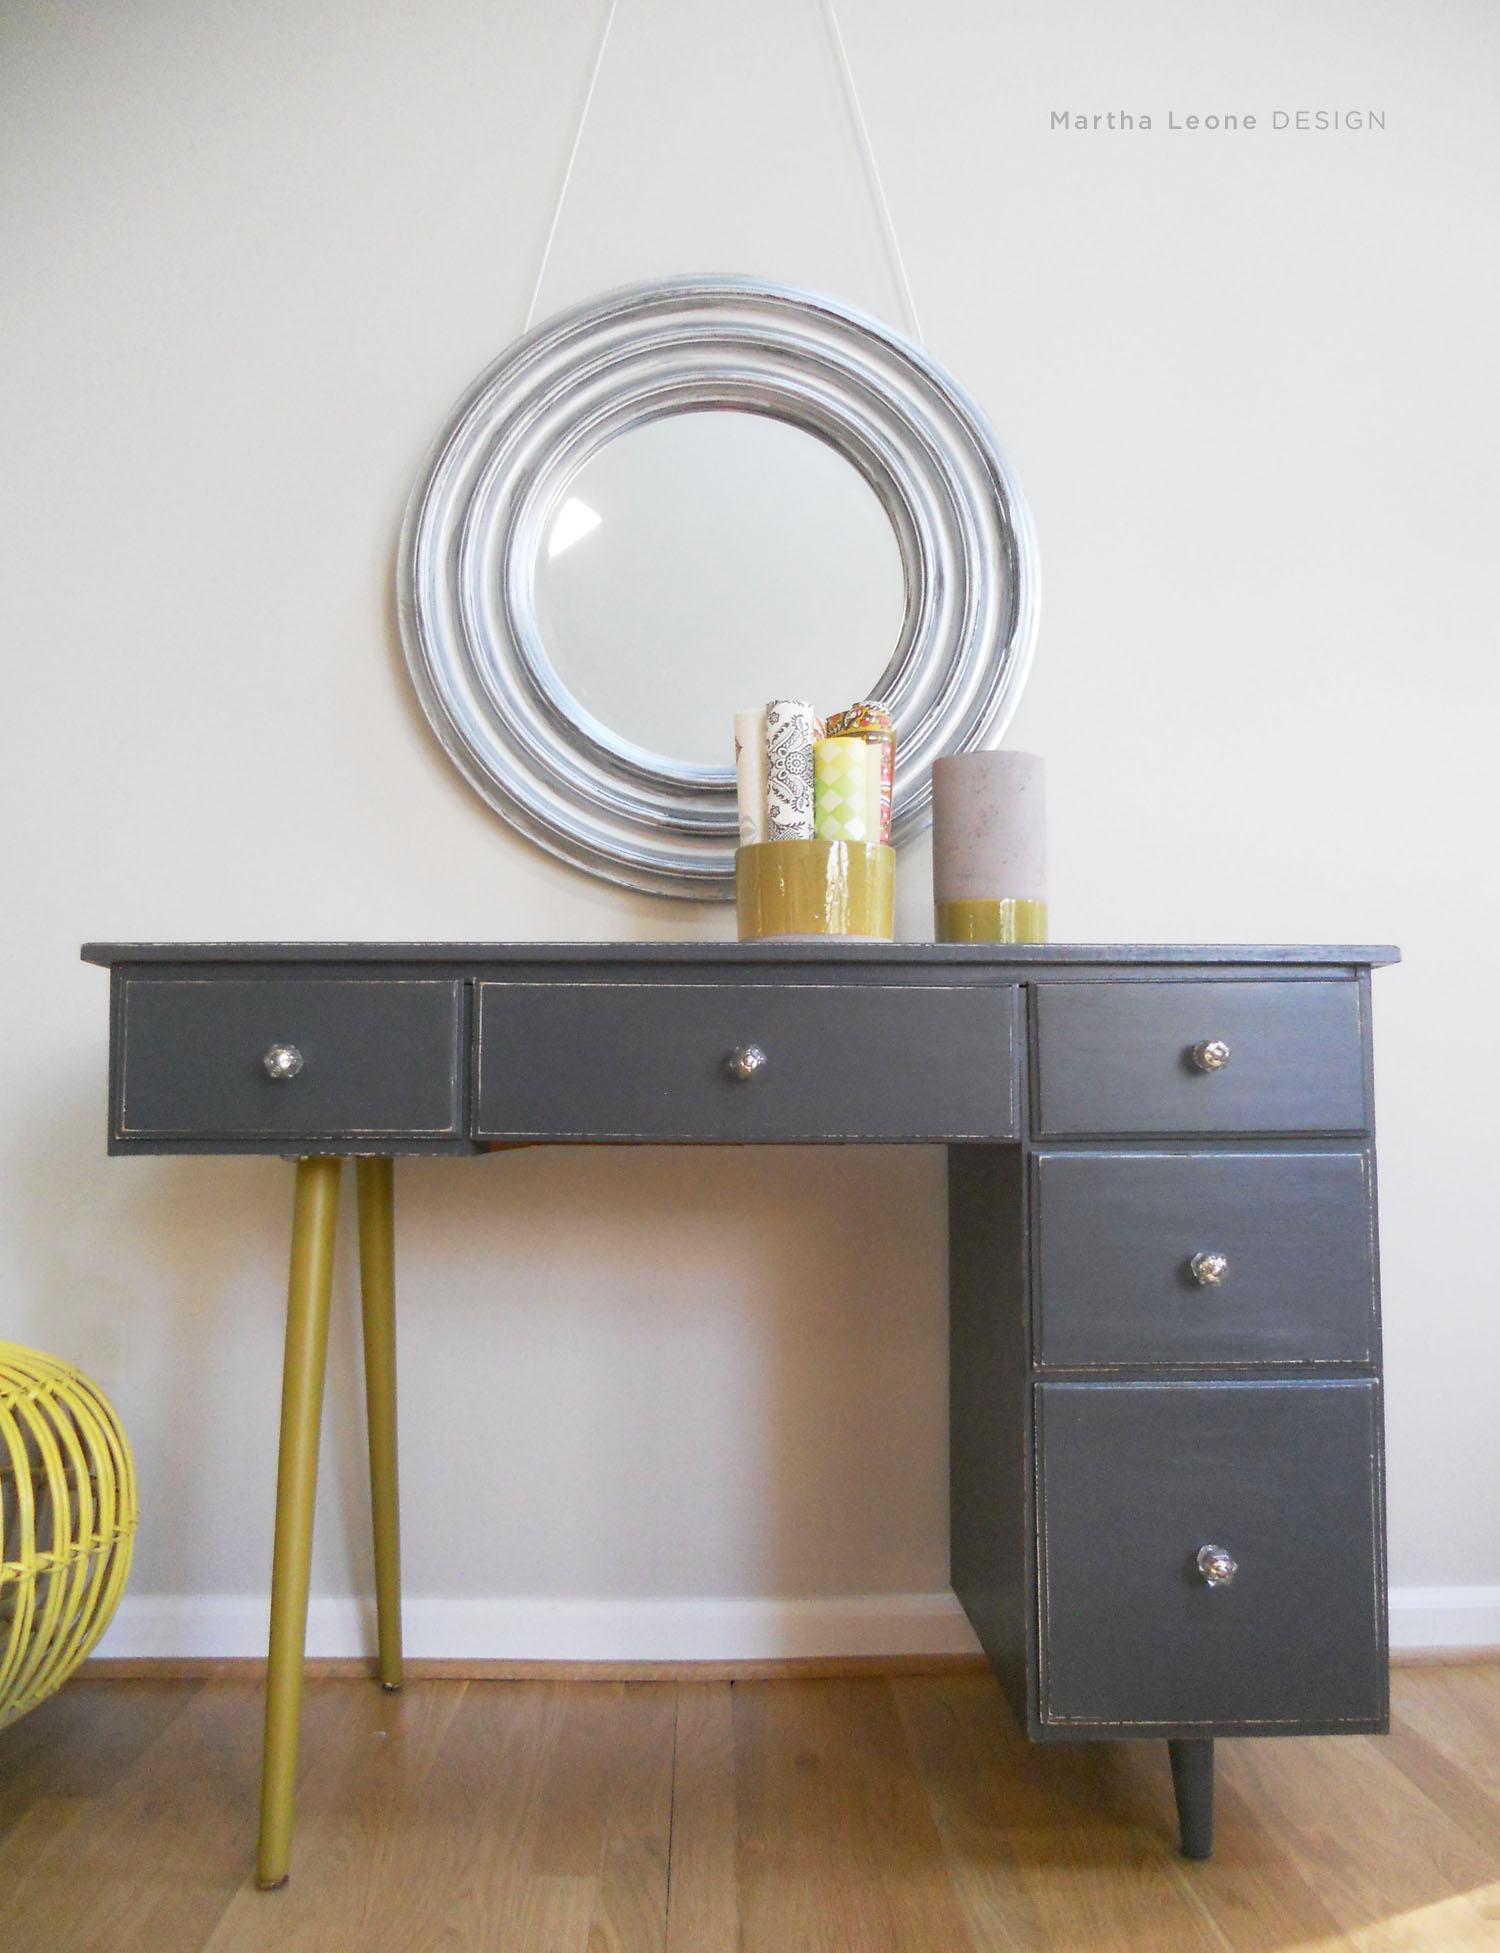 83 Mid century10 desk Martha Leone Design